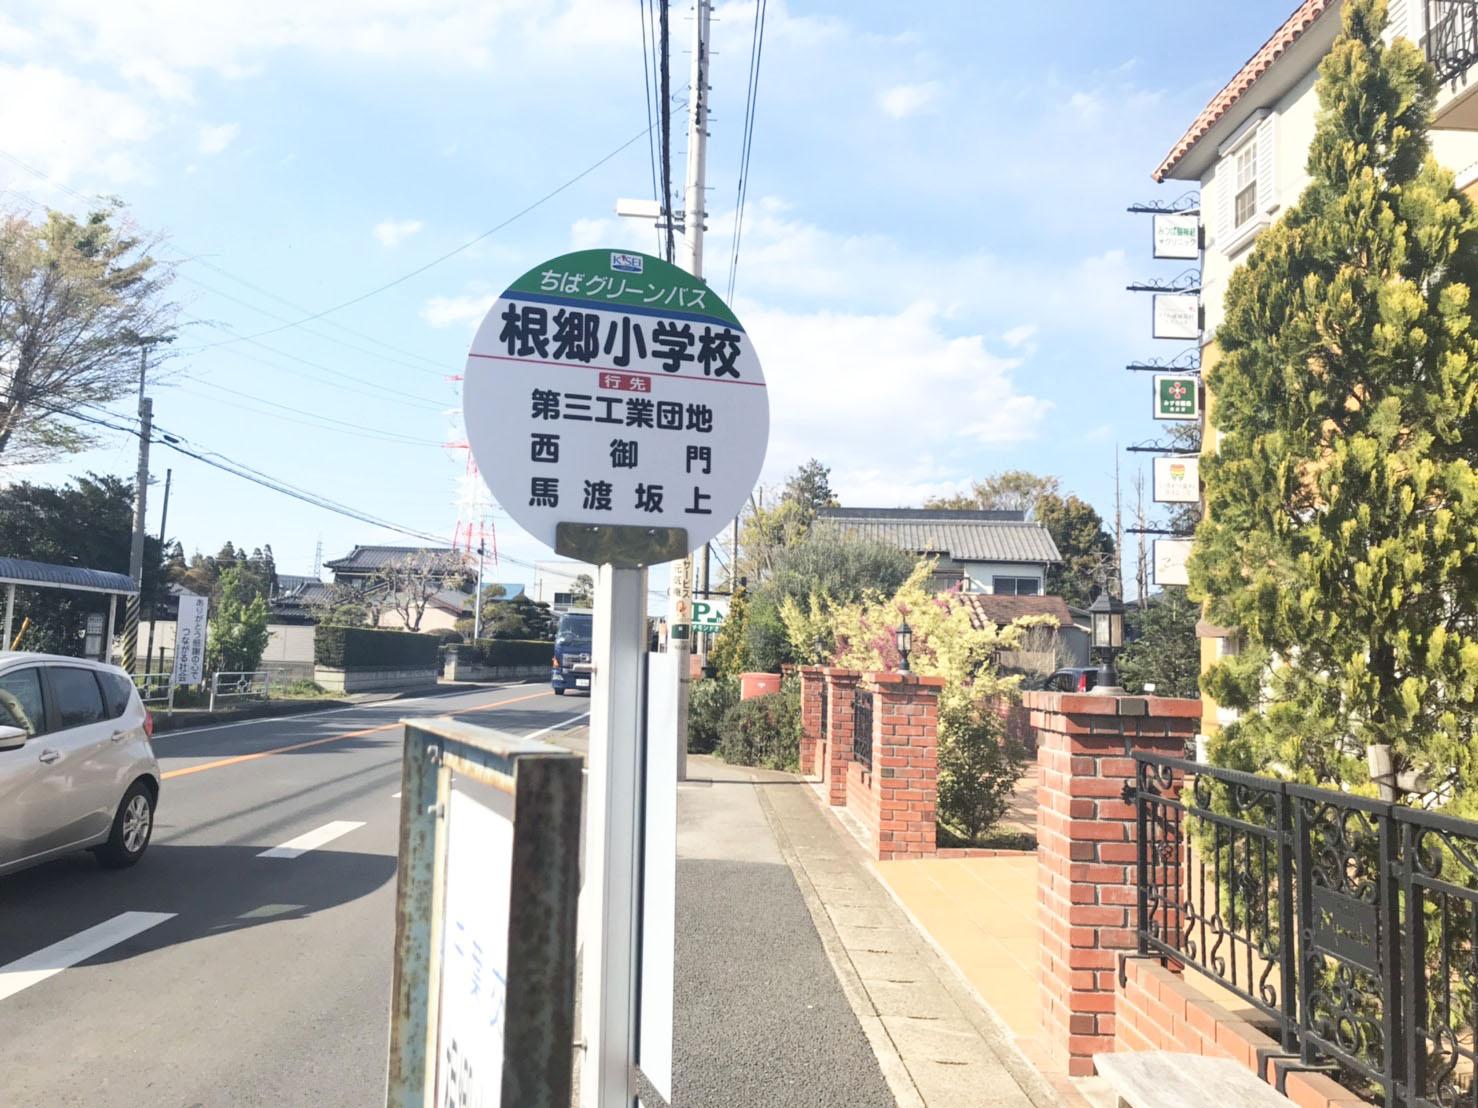 ズッカ 佐倉 バス停